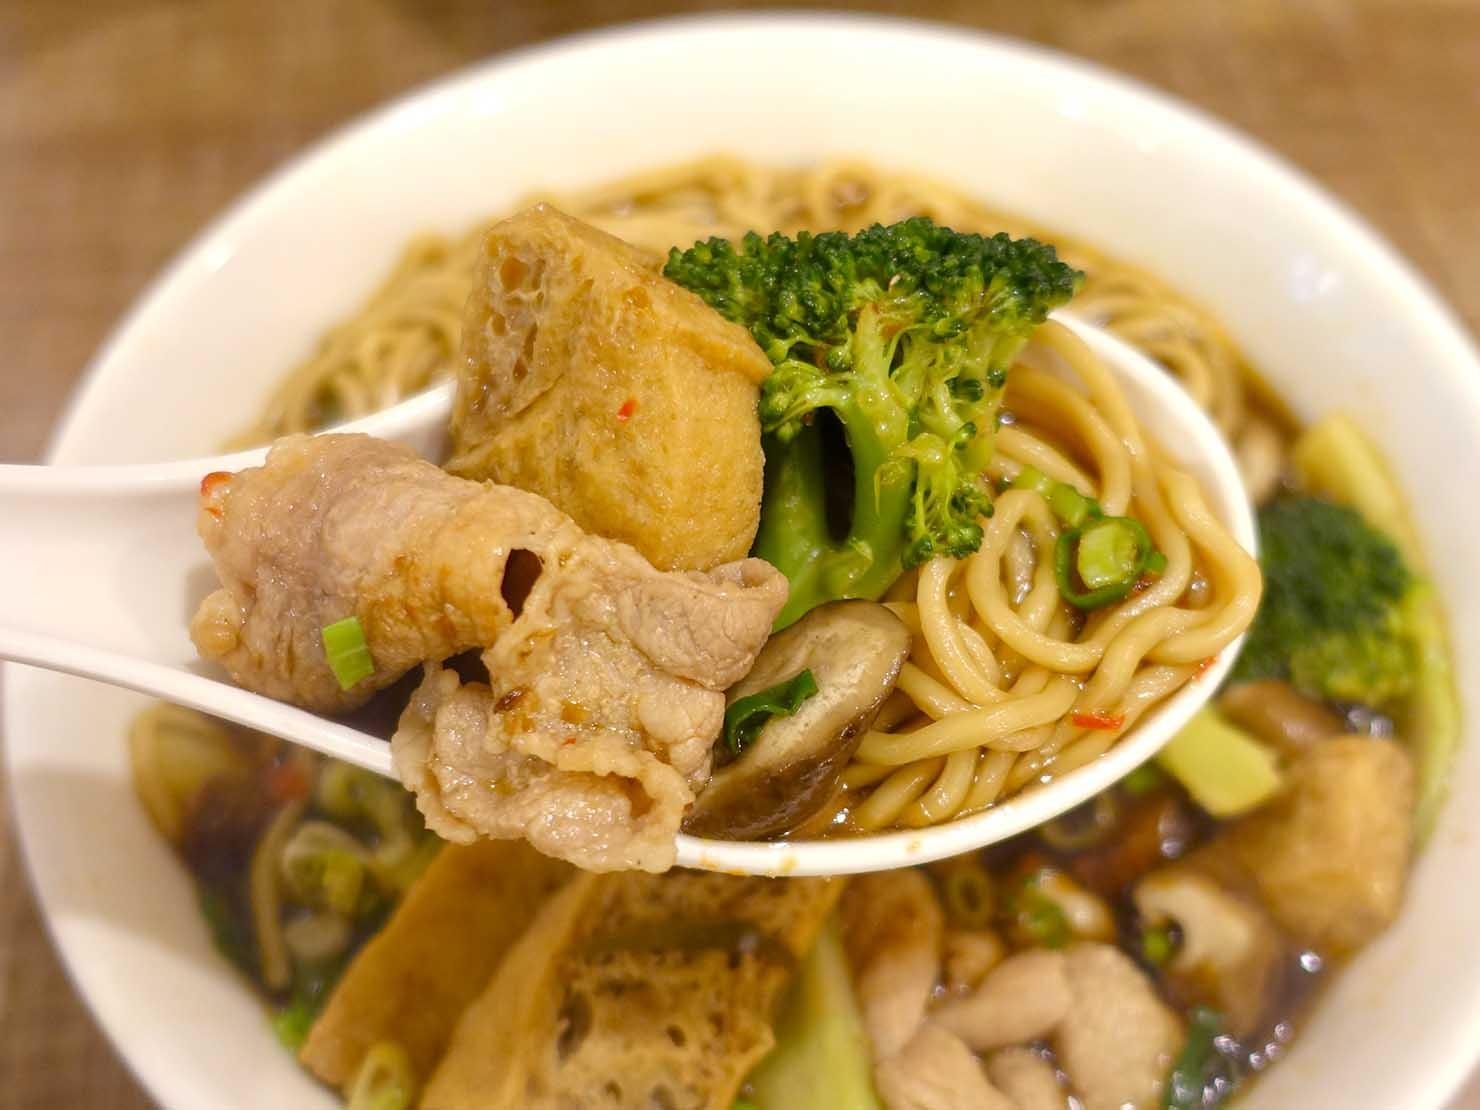 台北101エリア・市政府駅周辺のおすすめ台湾グルメ「清菜滷」の滷味(ルーウェイ)クローズアップ